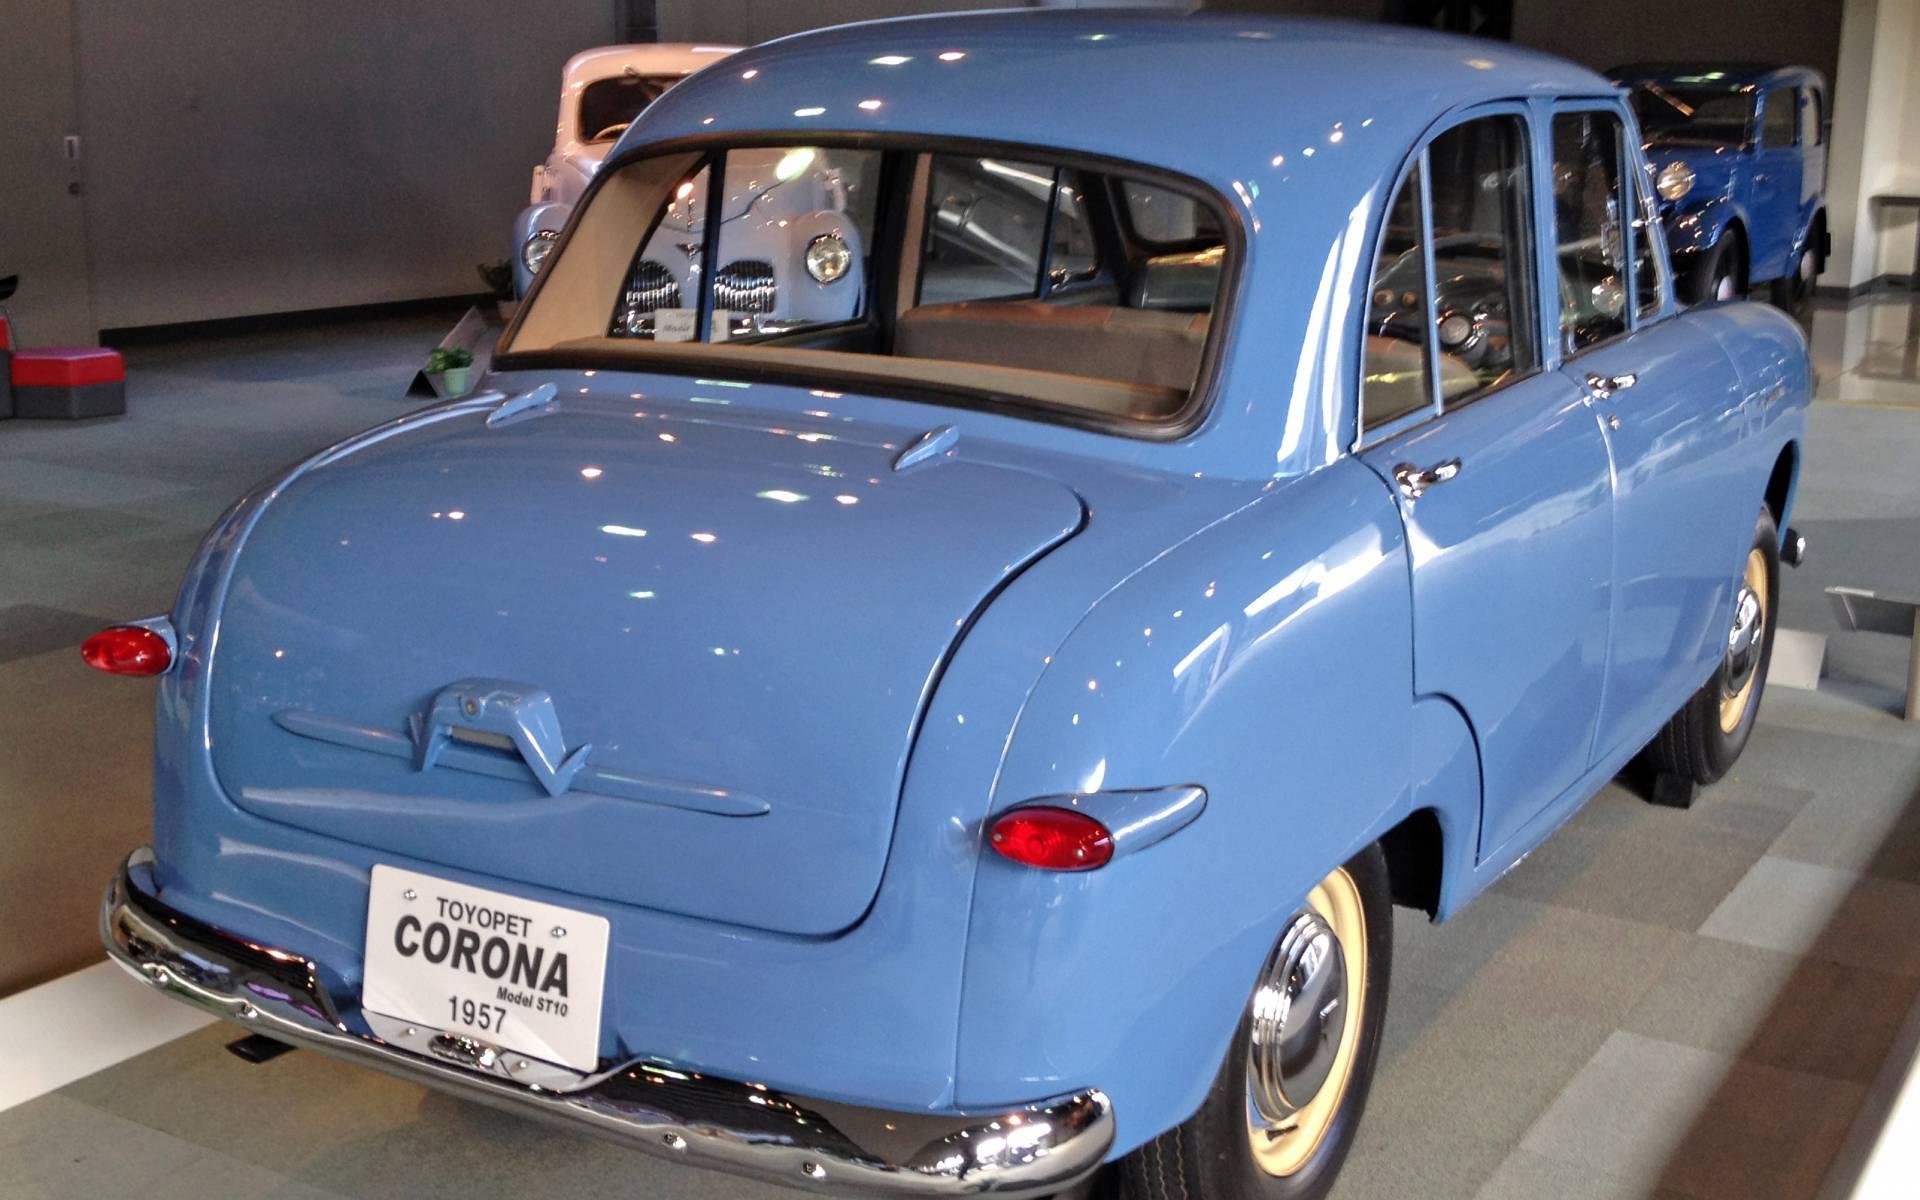 Découvrez la Toyota Corona… sans virus! 417764-decouvrez-la-toyota-corona-sans-virus